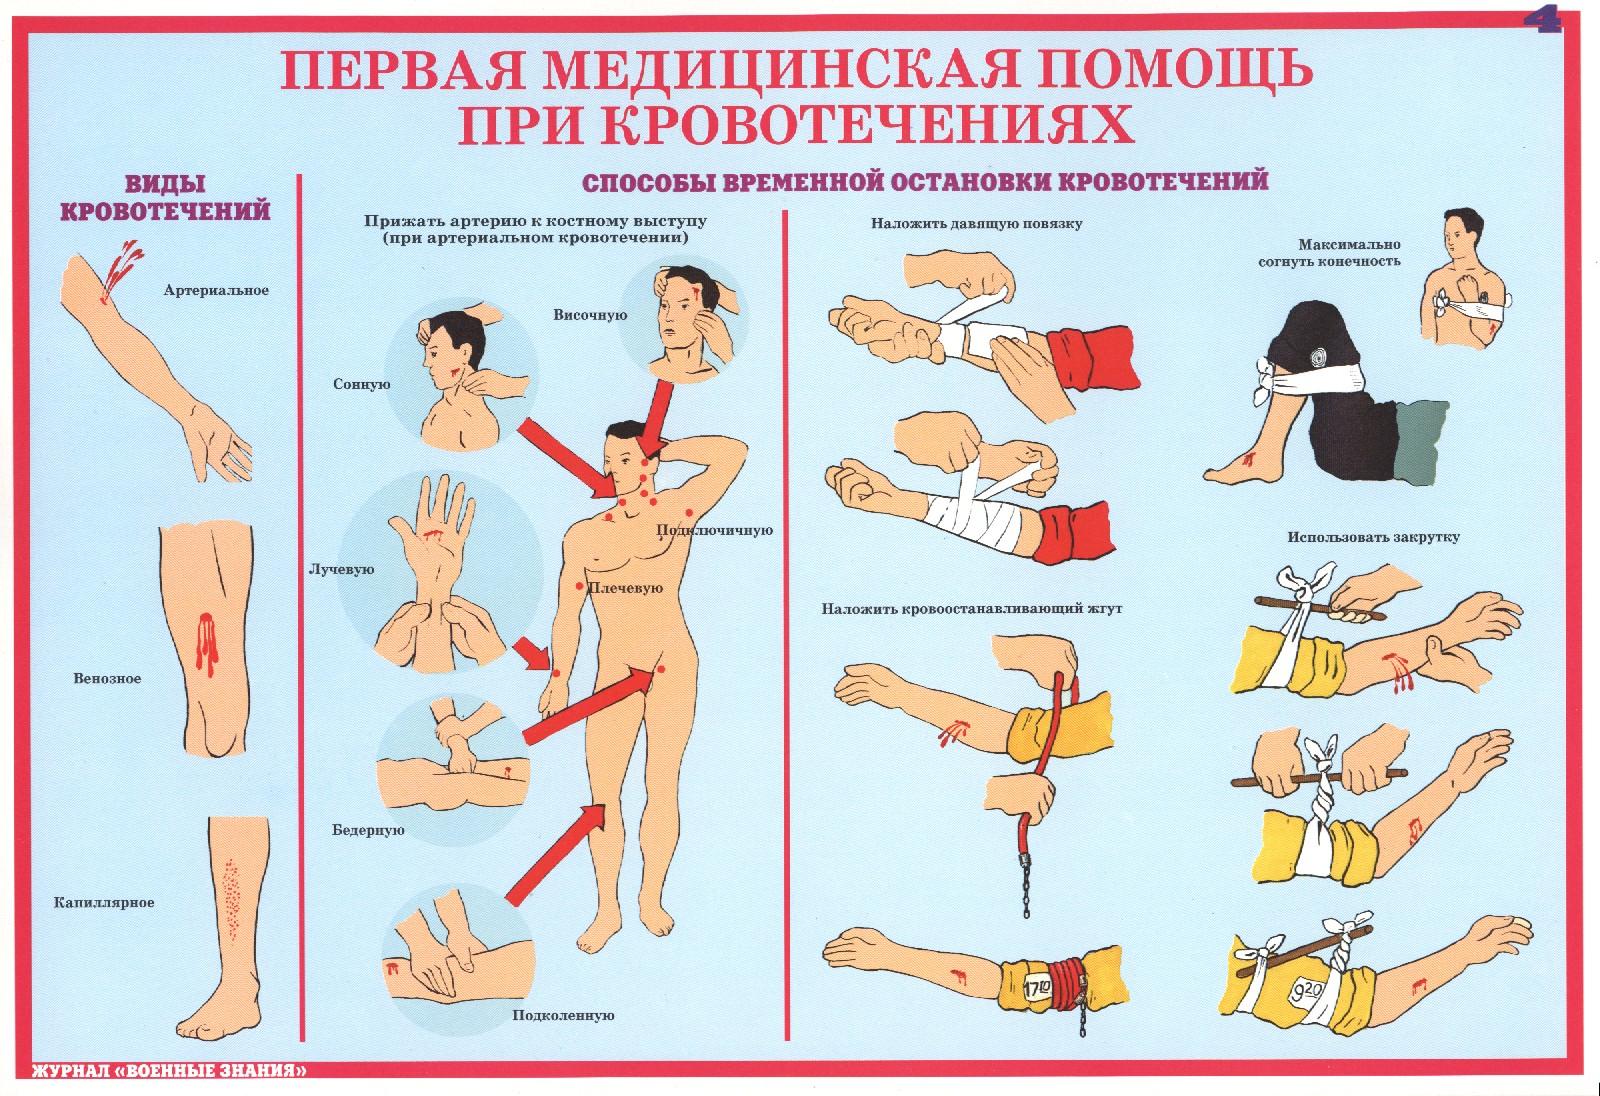 Оказания первой медицинской помощи картинки при